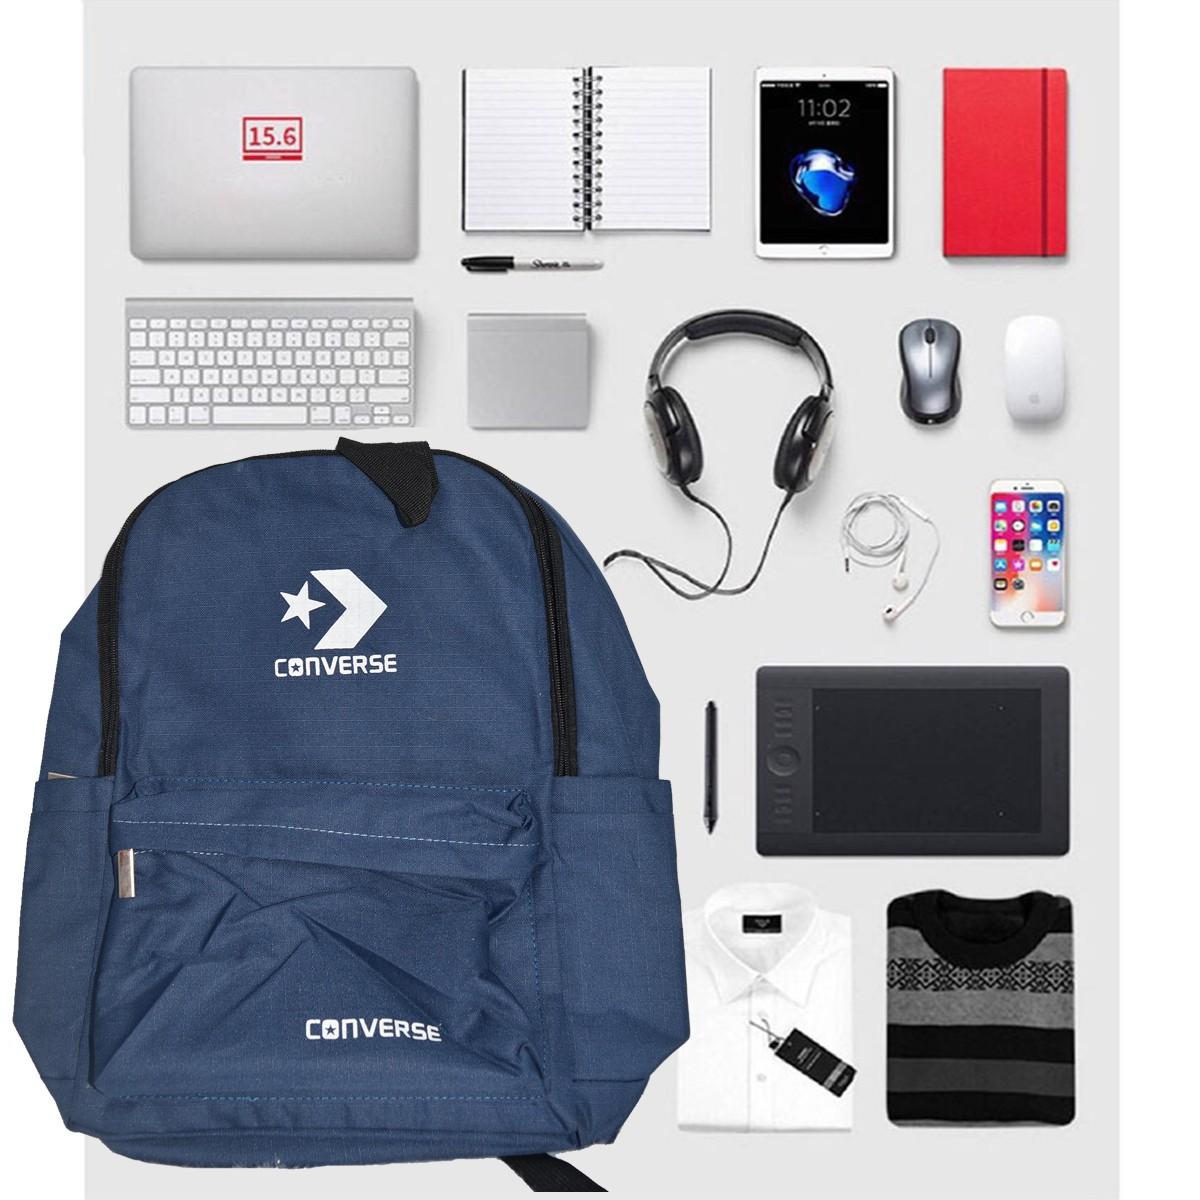 balo-da-nang-dung-sach-laptop-dung-cu-ca-nhan-bl27-3